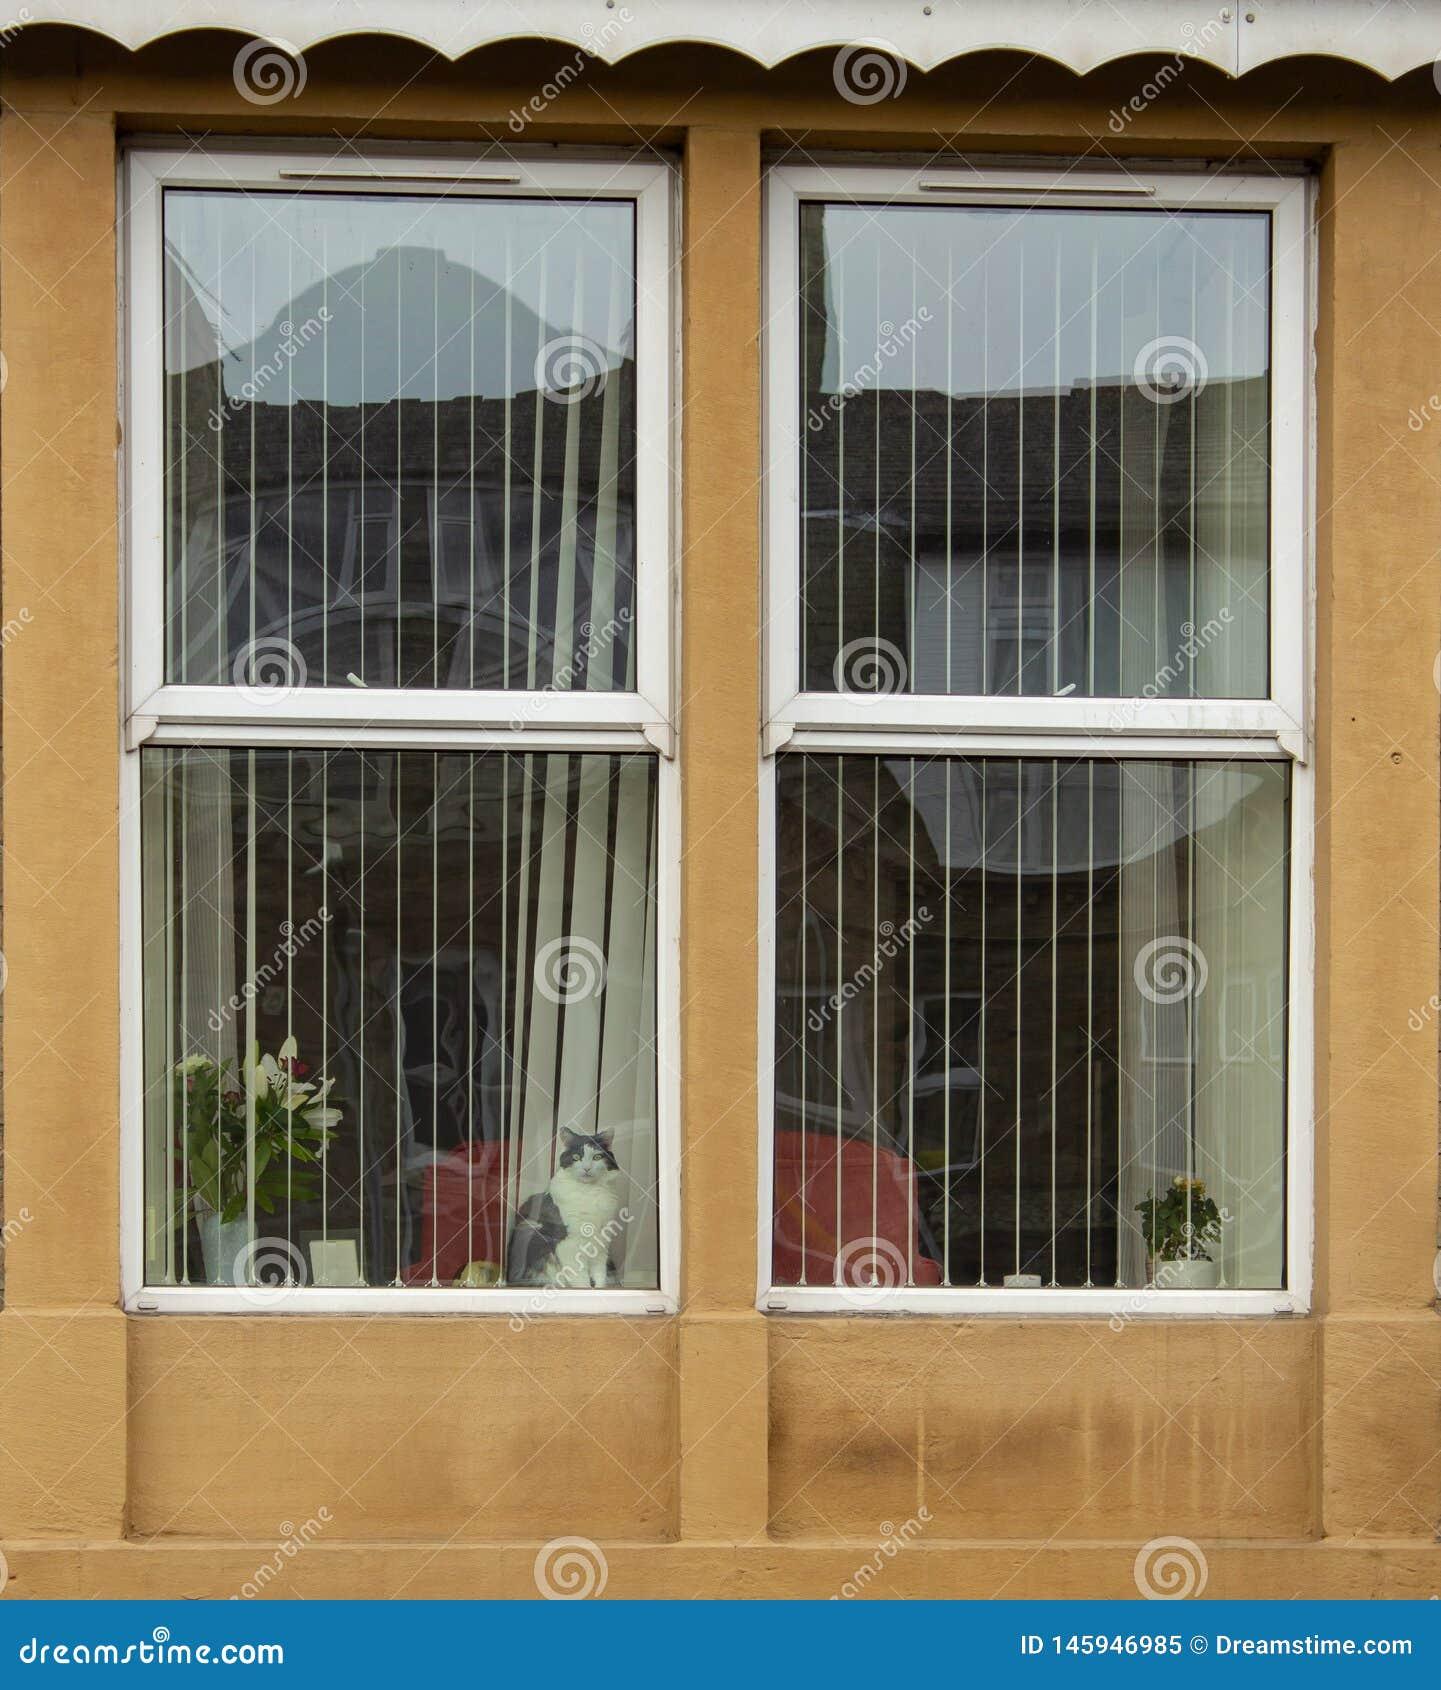 Kot gapi się z okno, ogląda świat iść obok